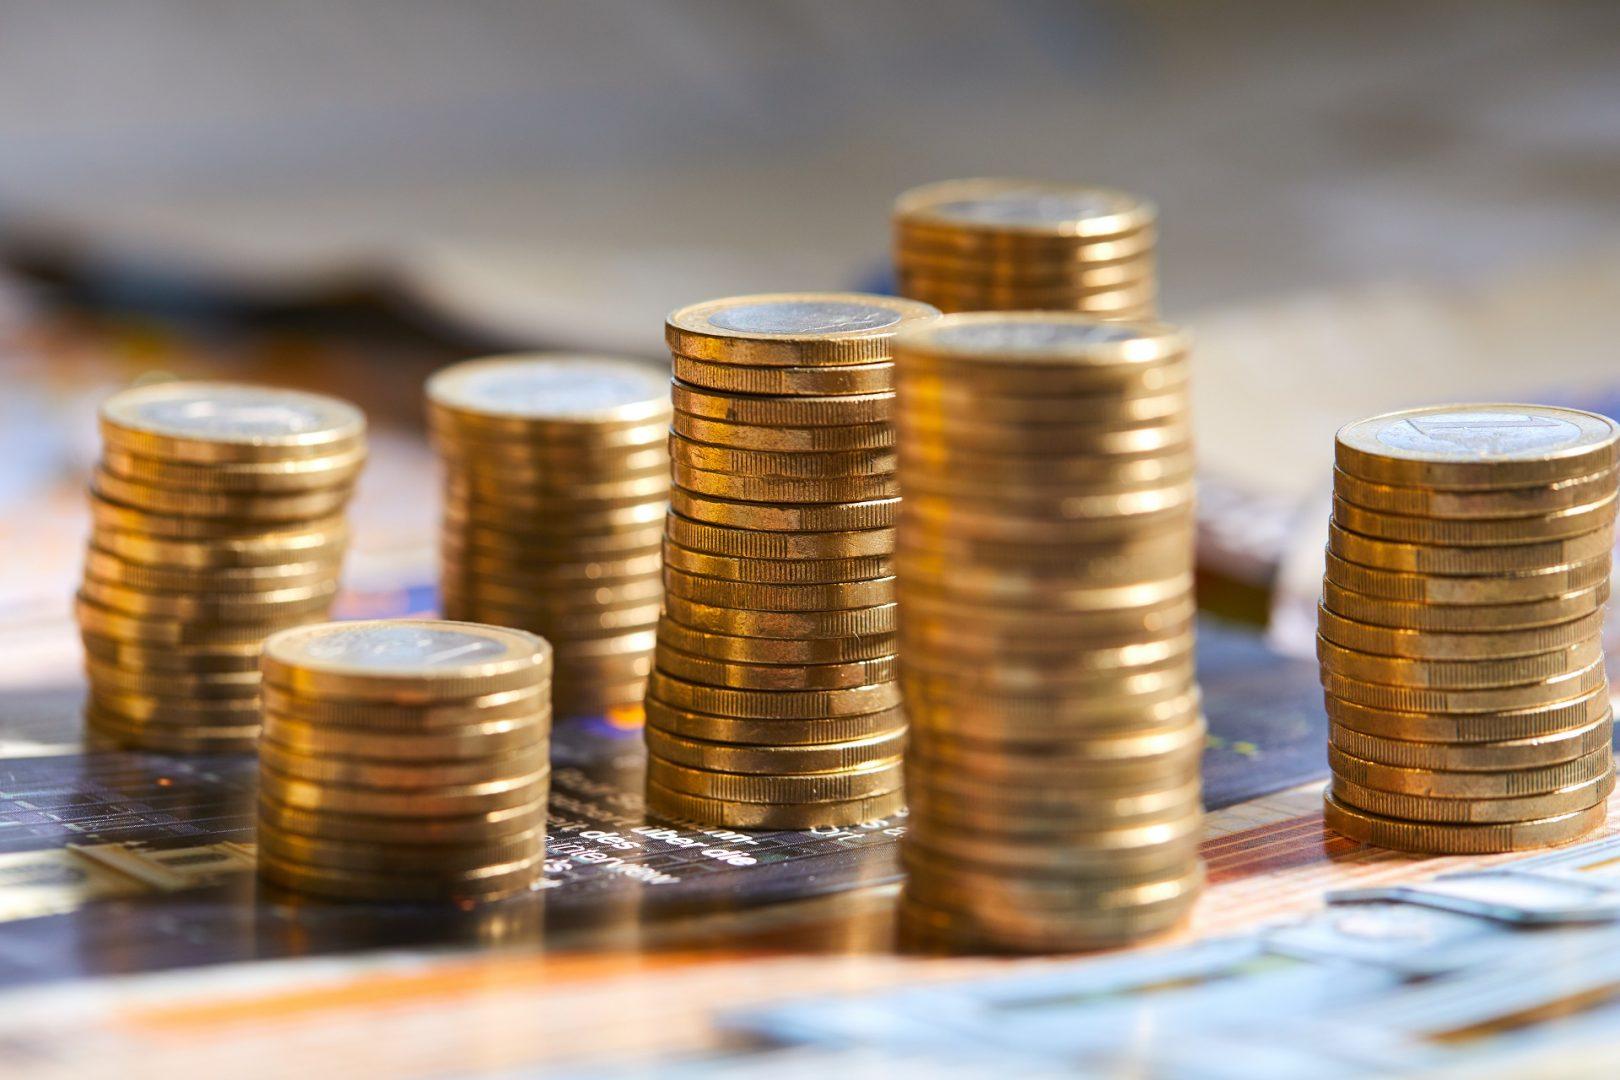 Risparmio: Confesercenti, aumento depositi causato dall'incertezza e dal crollo di fatturati e redditi